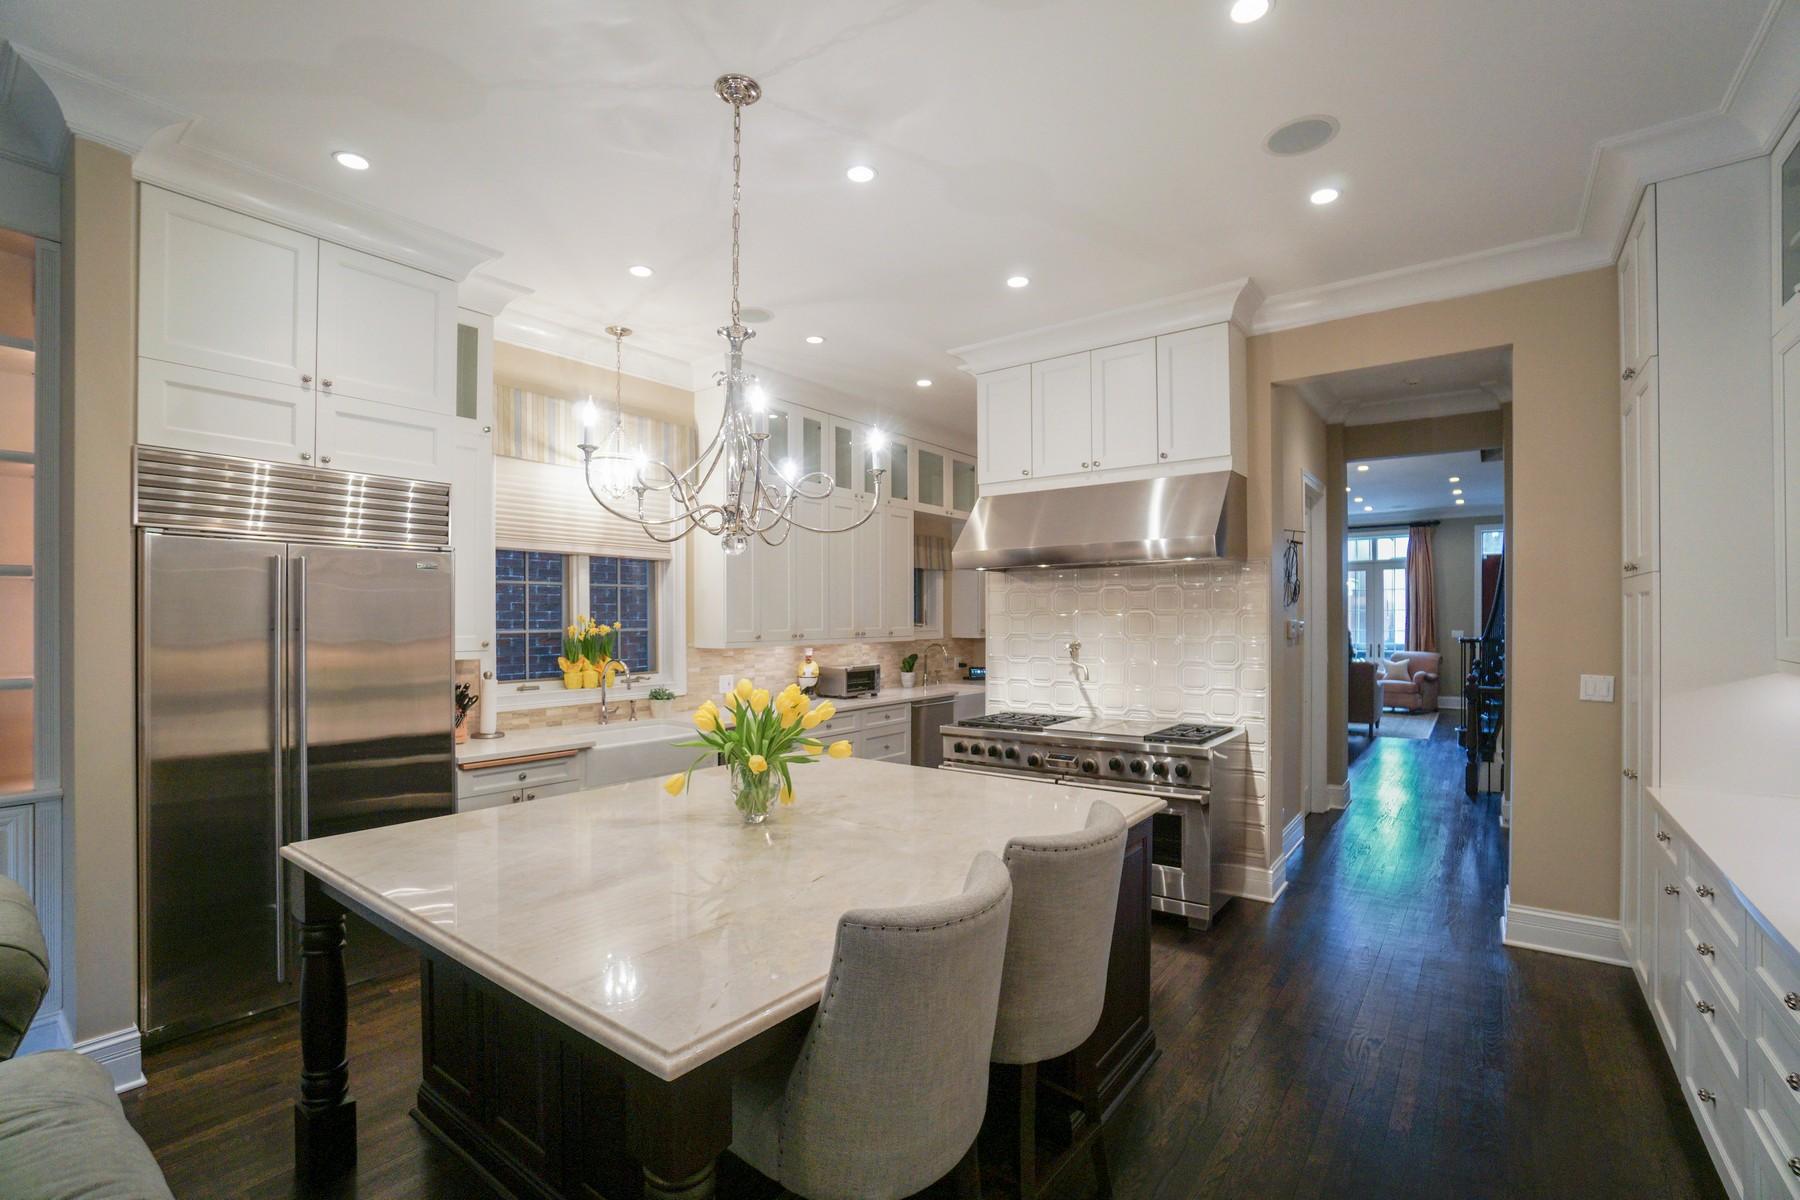 独户住宅 为 销售 在 Luxury Brick and Limestone Residence 1310 W Schubert Avenue Lincoln Park, 芝加哥, 伊利诺斯州, 60614 美国